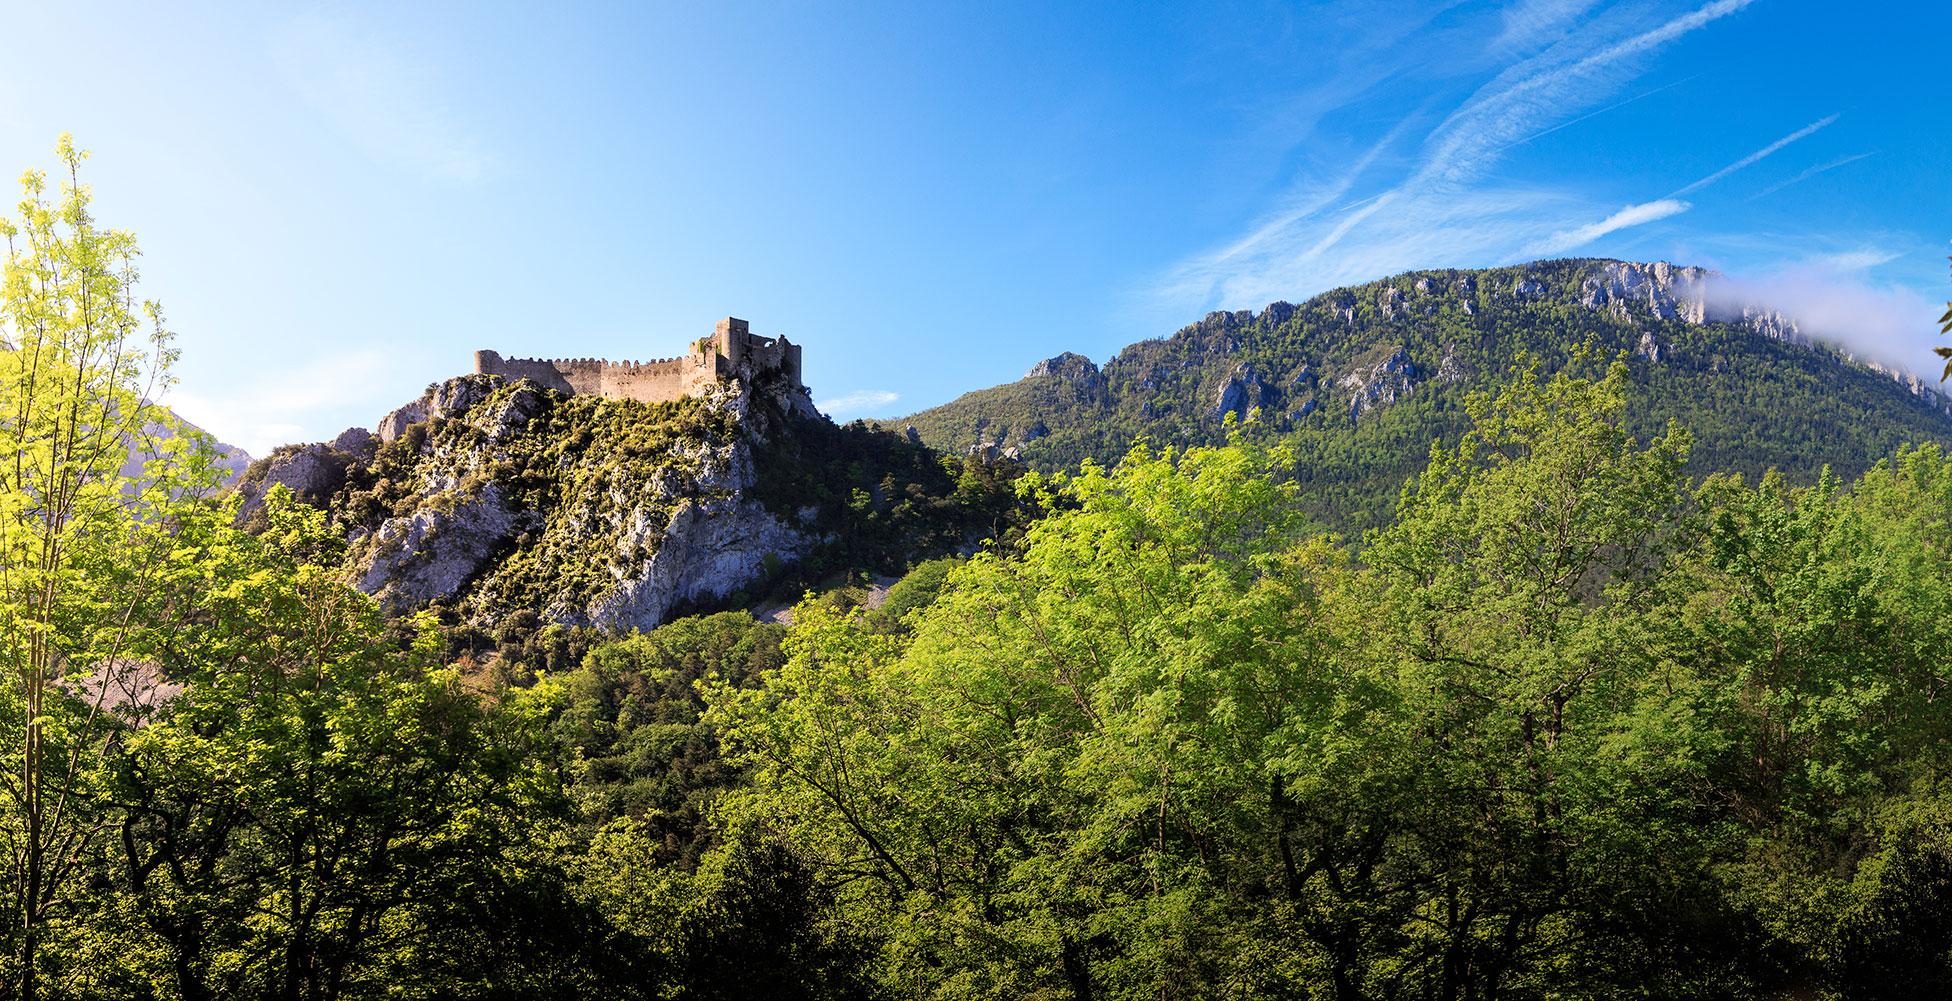 Le château de Puilaurens occupe le sommet d'une crête calcaire très escarpée, à 697 m d'altitude, à la limite départementale de l'Aude et des Pyrénées-Orientales, entre Fenouillèdes et Pays de Sault.